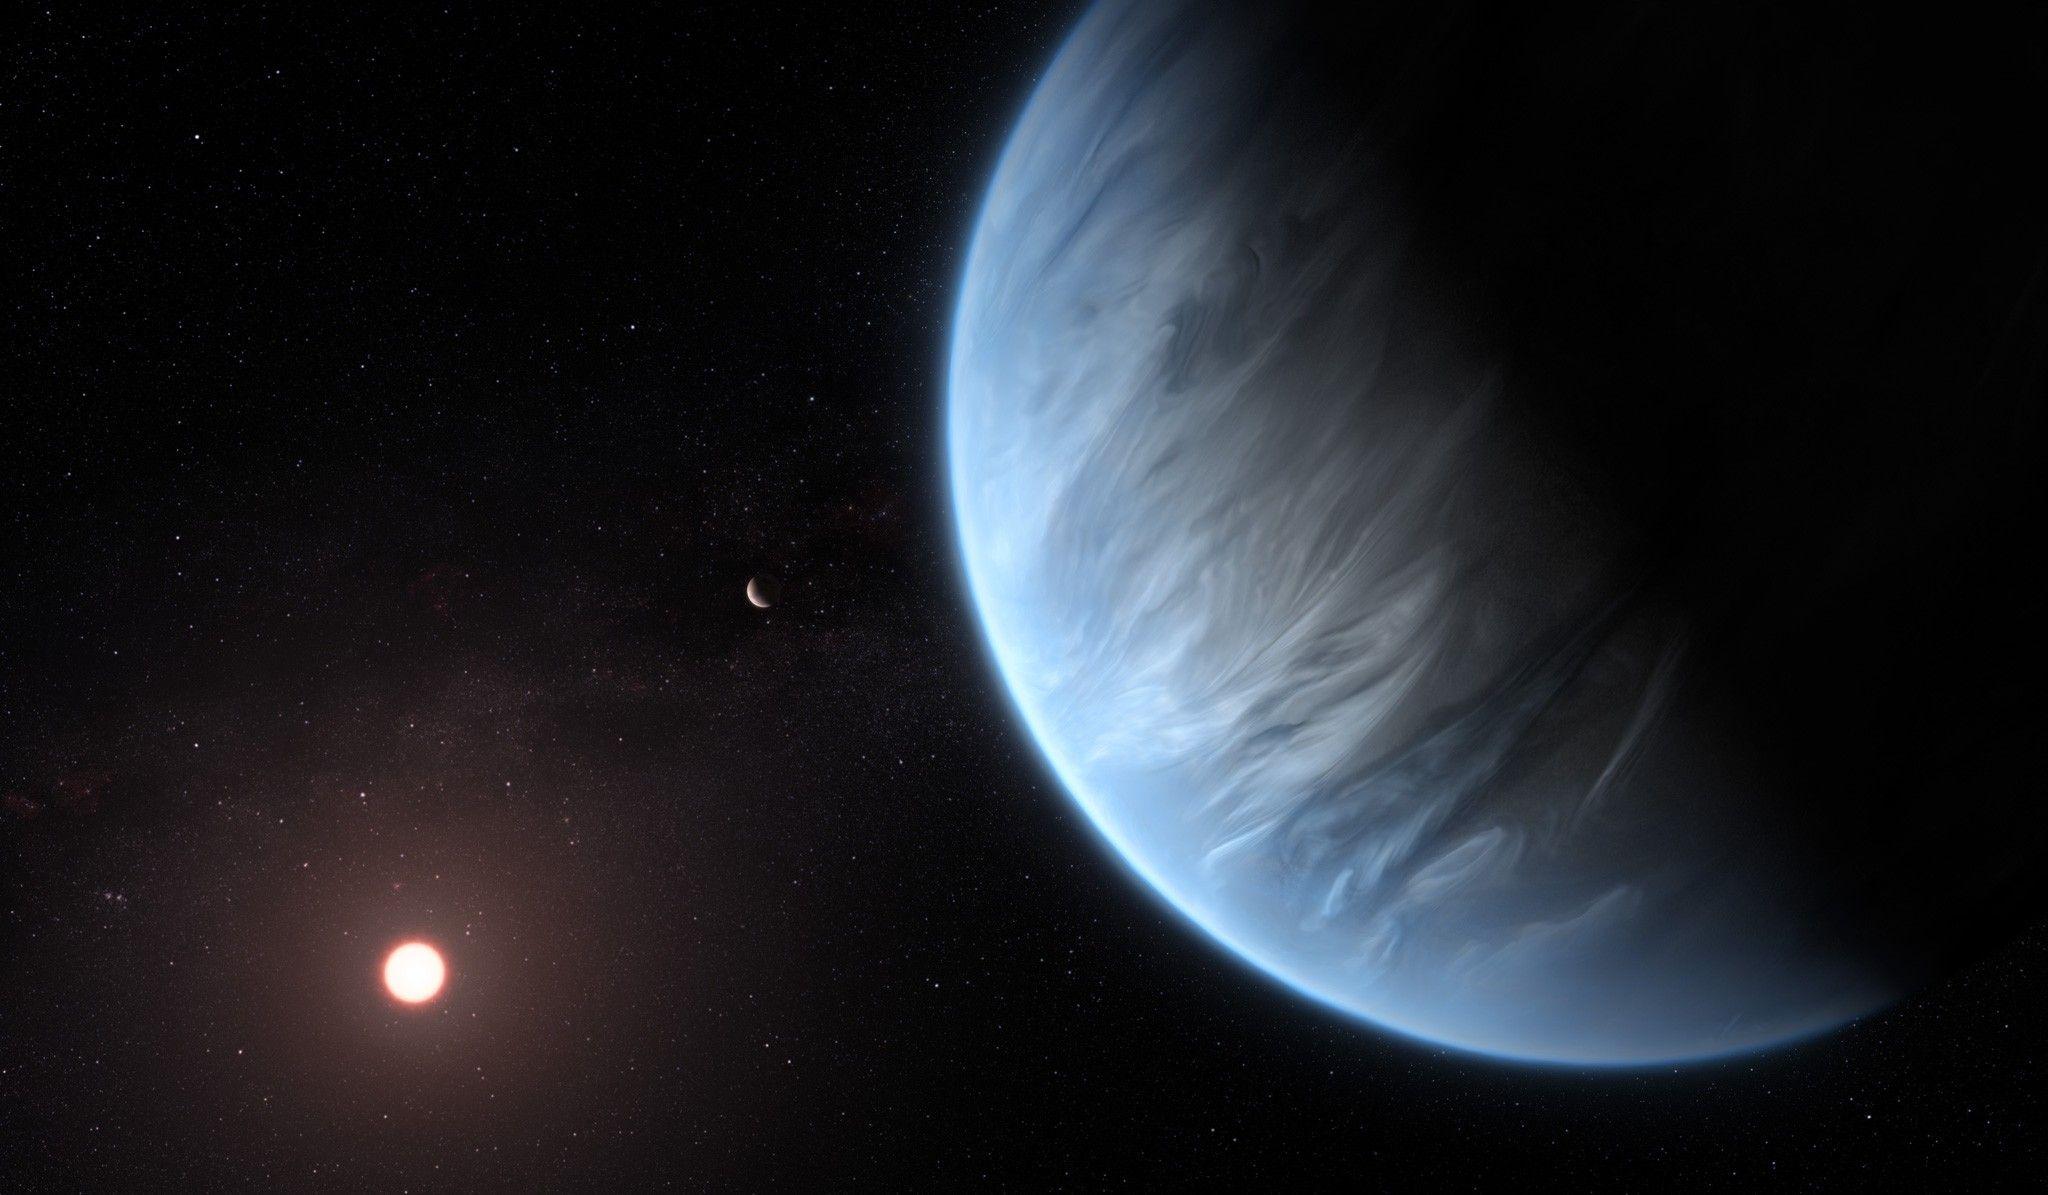 De l'eau détectée sur une exoplanète potentiellement habitable | National Geographic